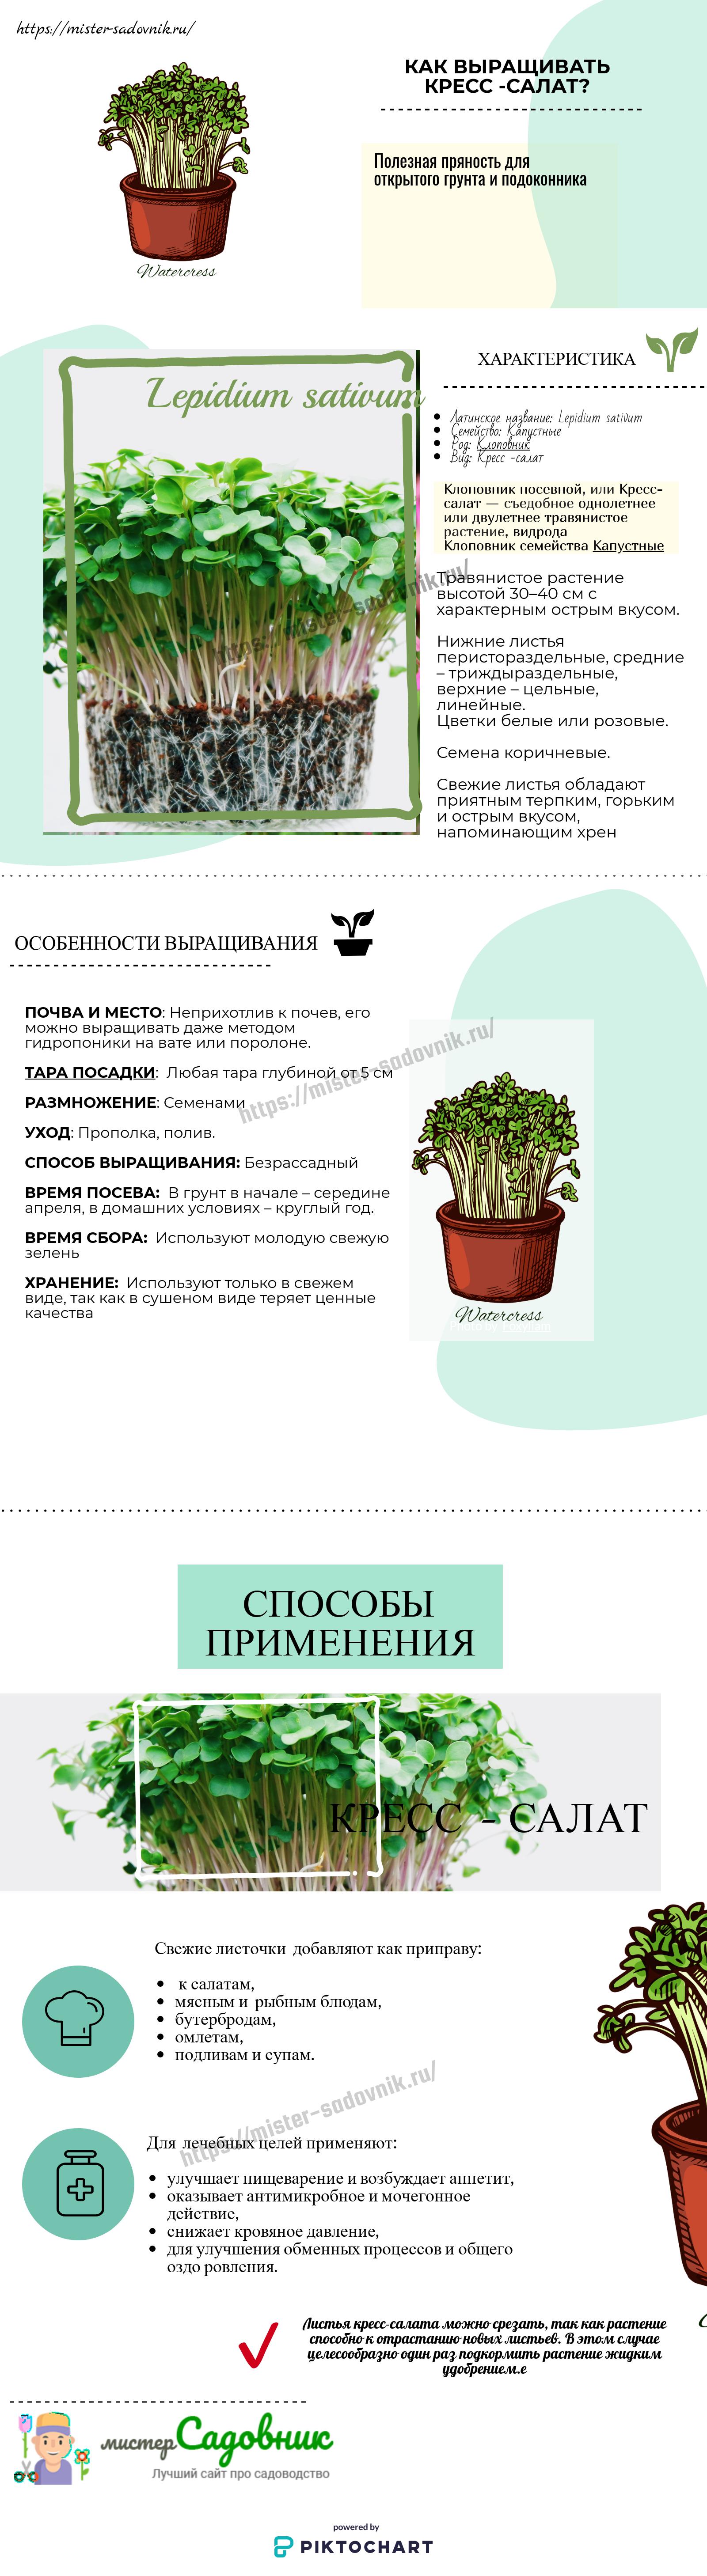 как выращивать кресс-салат